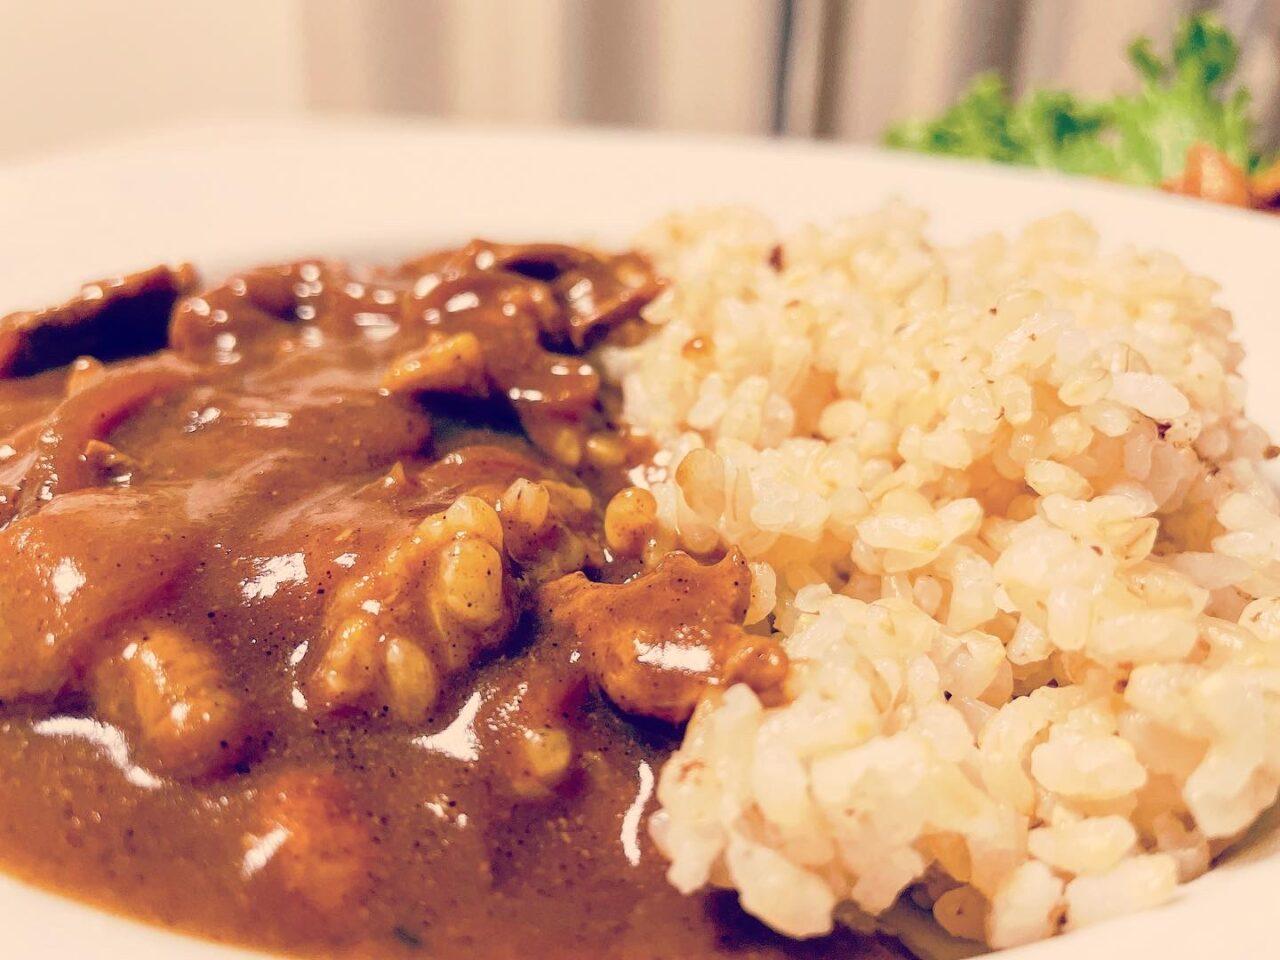 まとめ:ロウカット玄米を土鍋で炊けば健康的に美味しいご飯が食べられる!